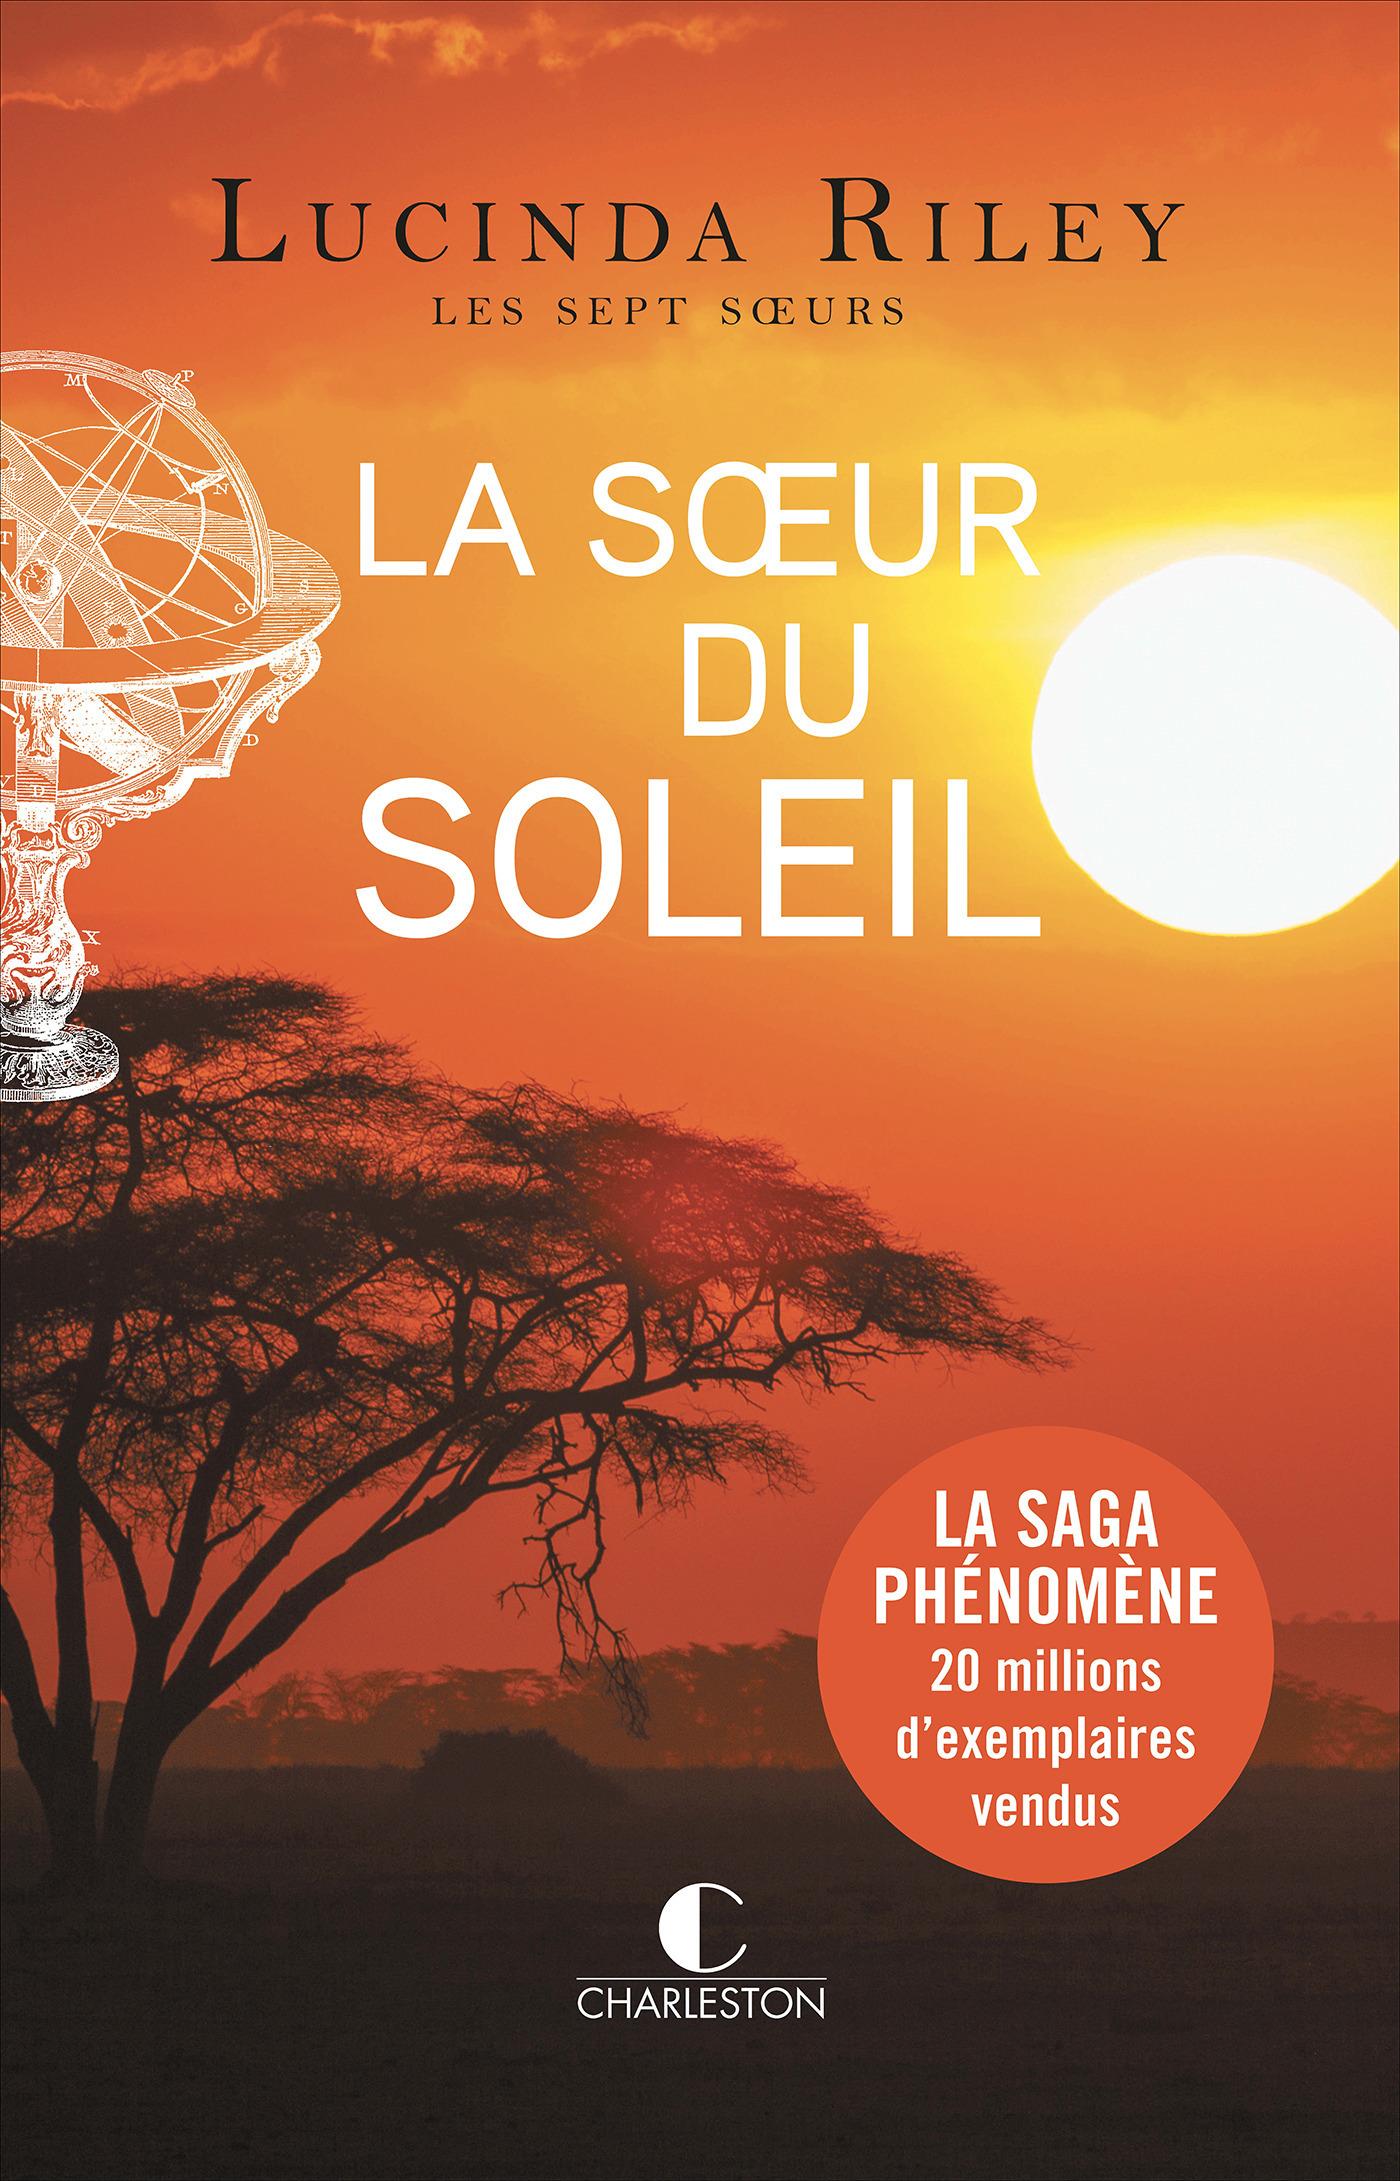 La Soeur du soleil